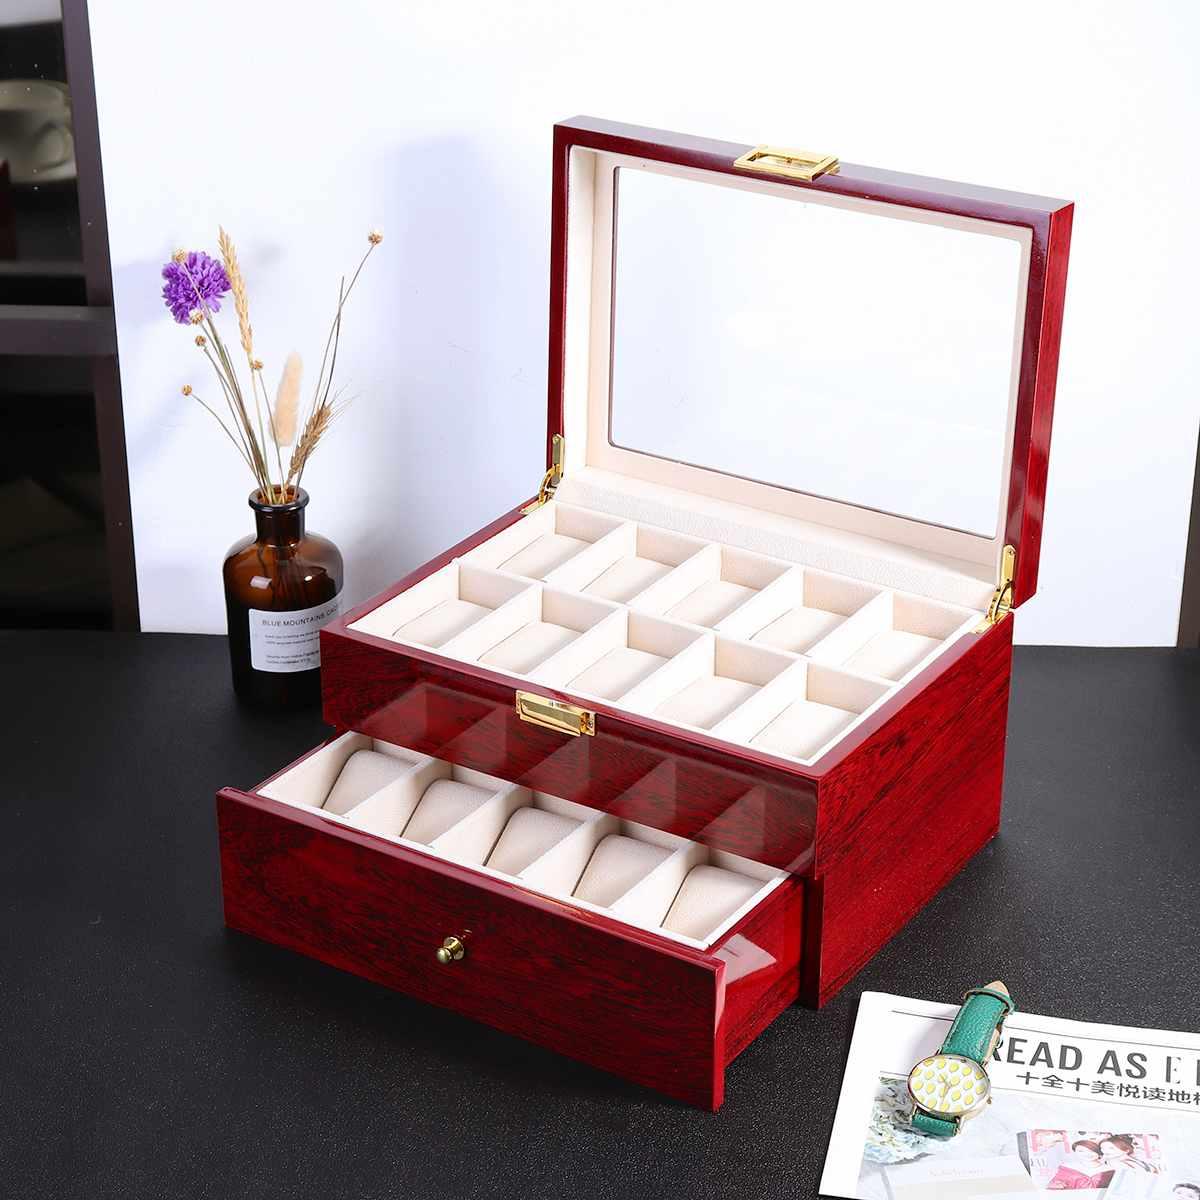 hộp đựng đồng hồ bằng gỗ màu đỏ 20 cái sang trọng